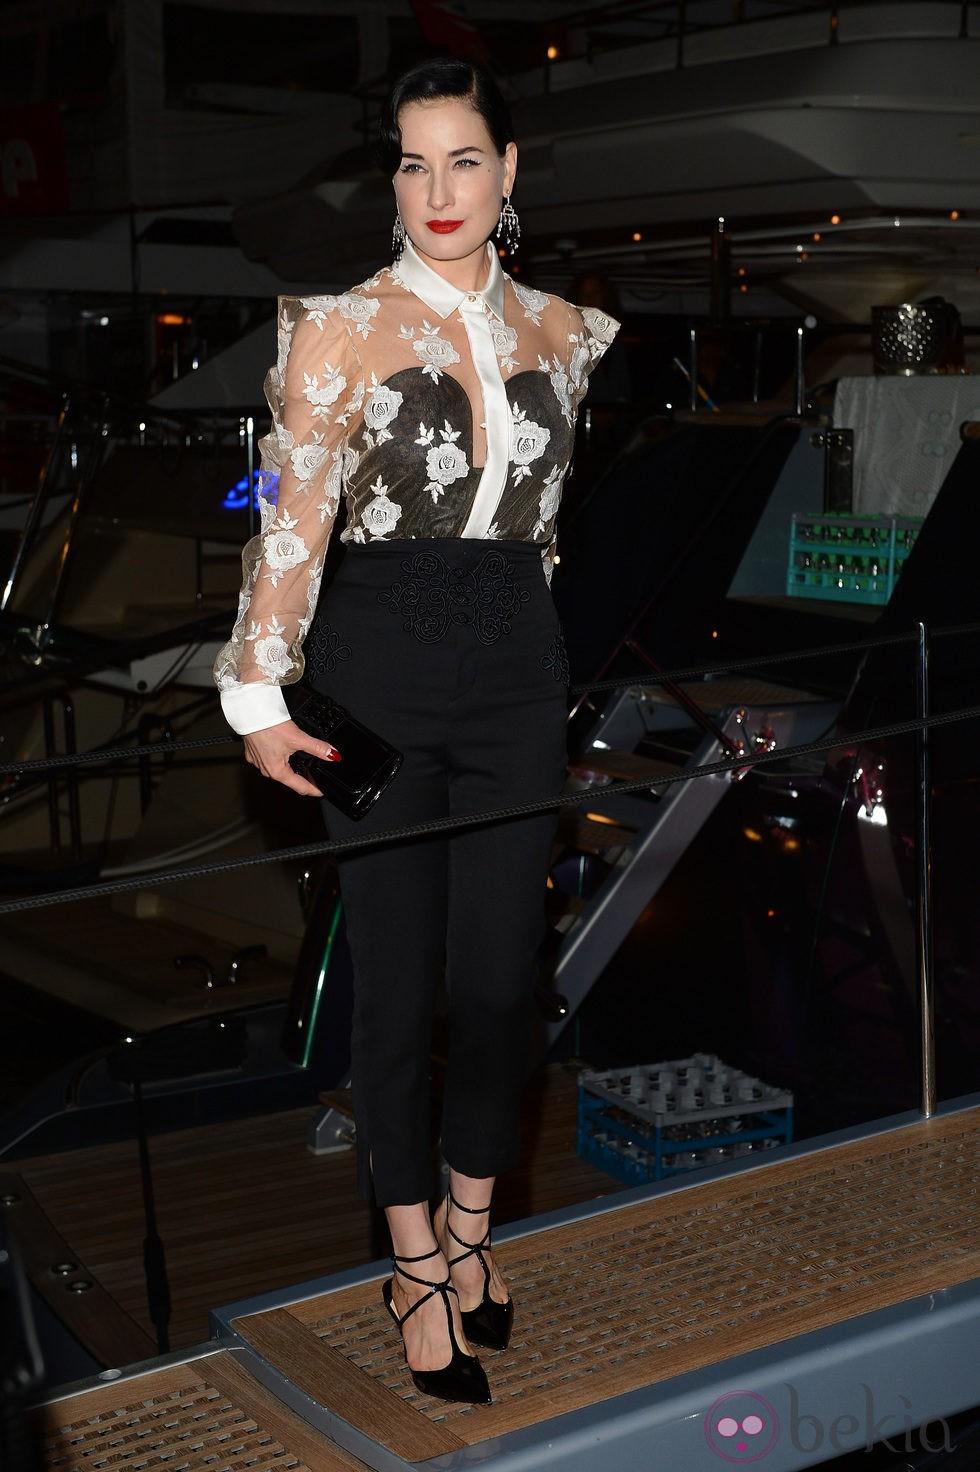 Dita Von Teese en una fiesta en el yate de Roberto Cavalli en Cannes 2014